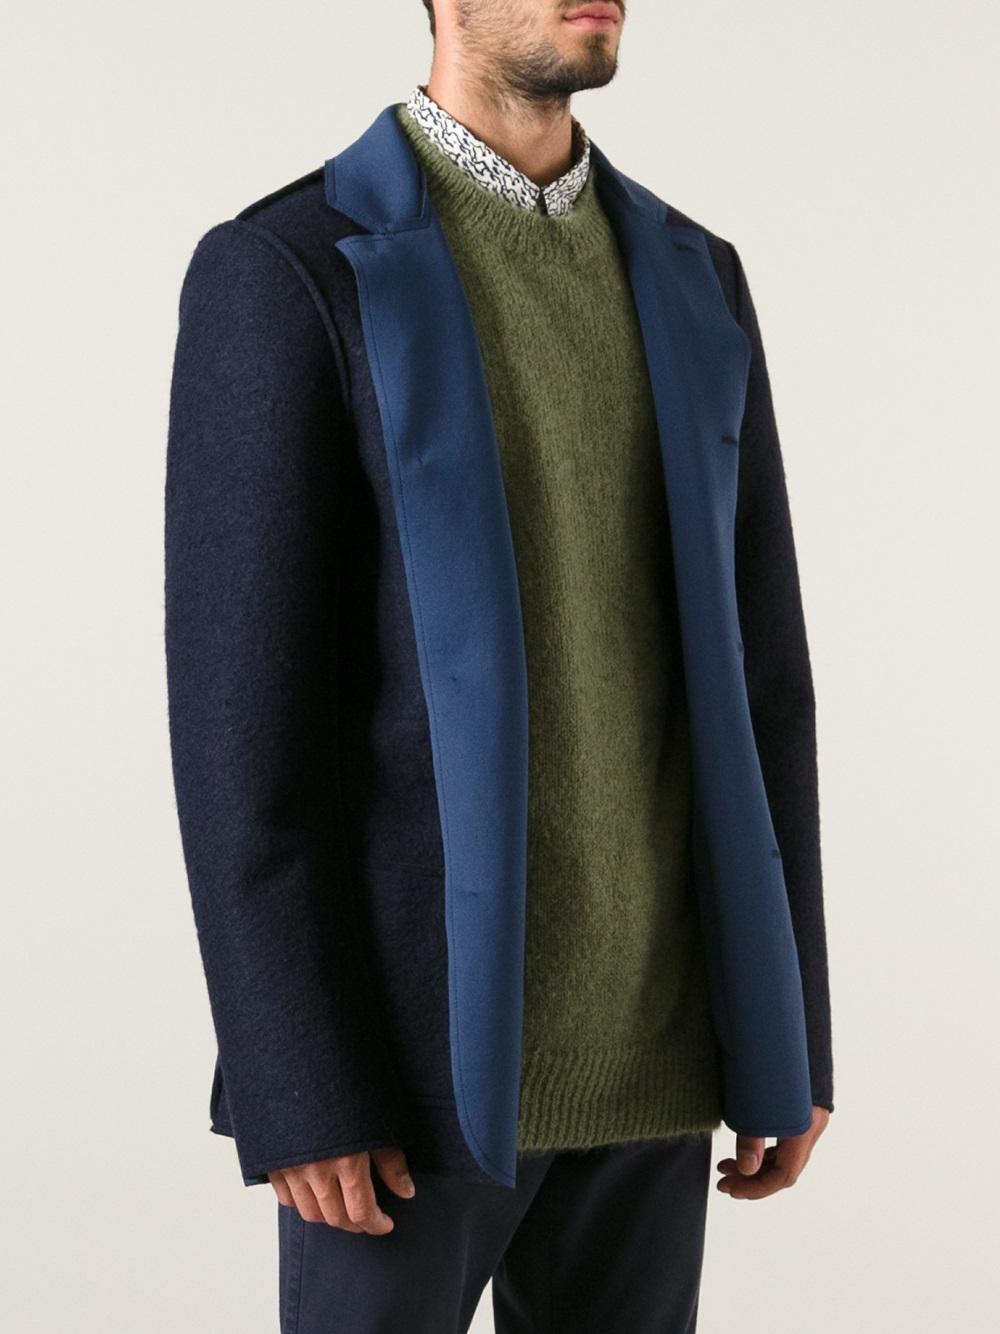 Lyst Msgm Neoprene Lined Jacket In Blue For Men